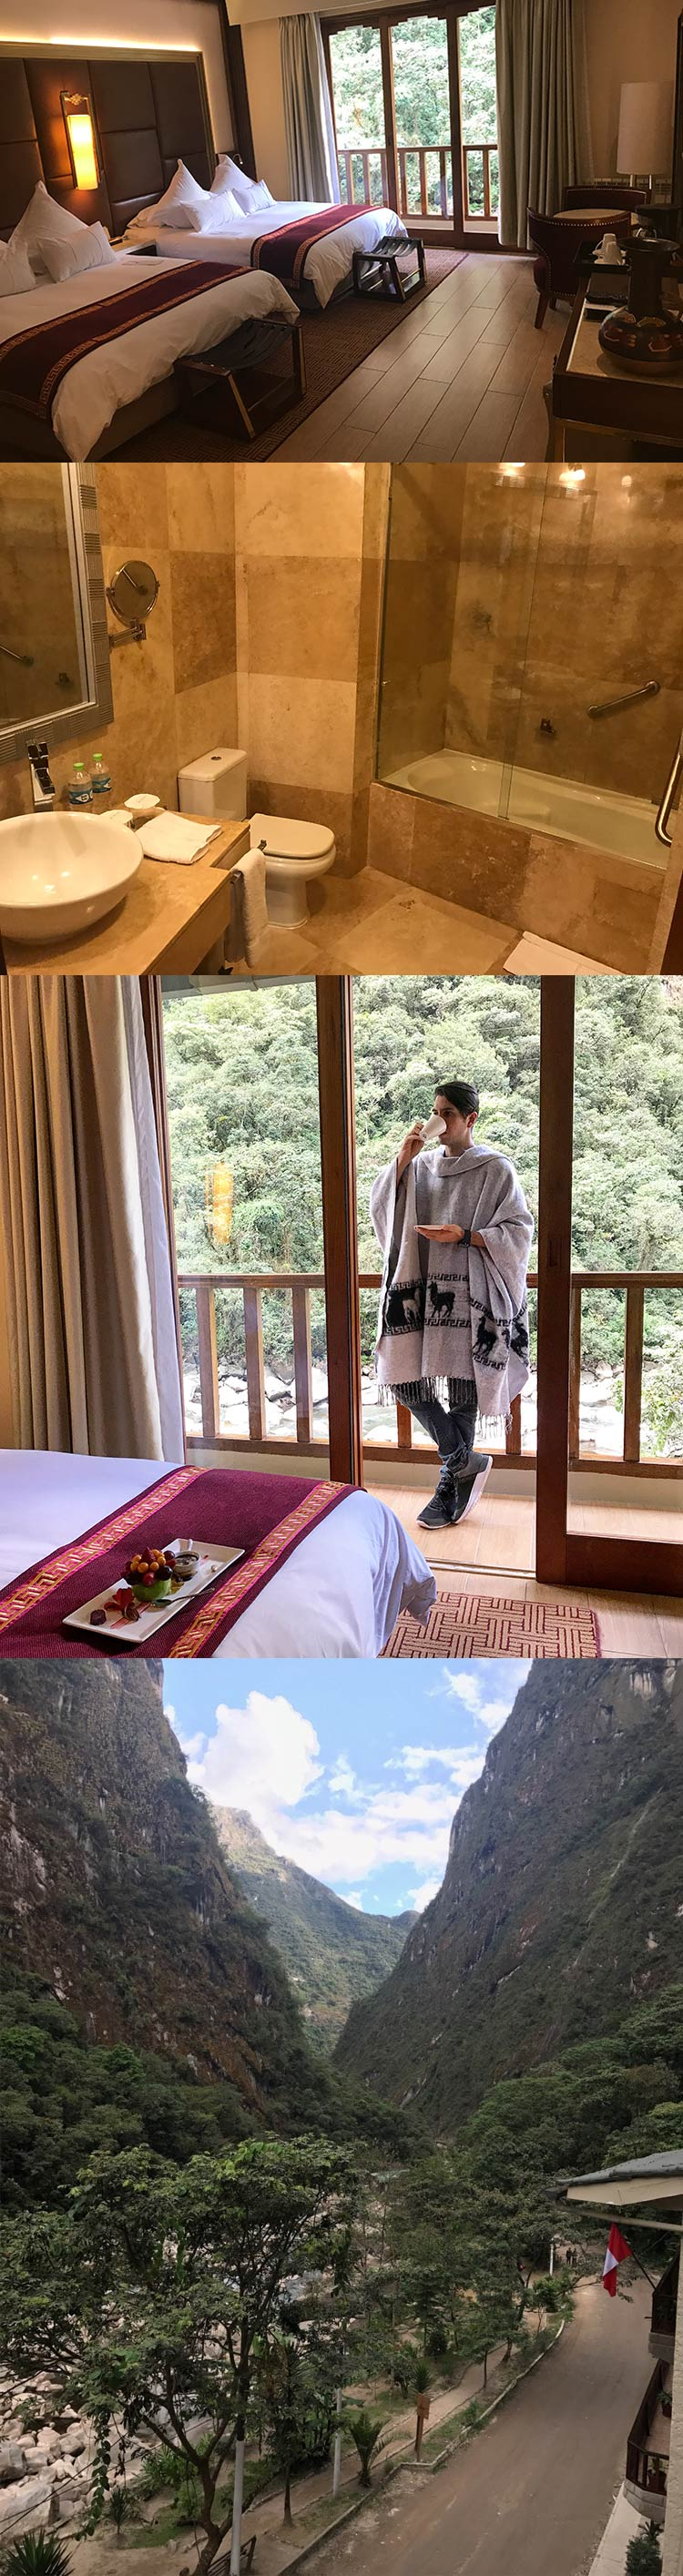 SUMAQ-Hotel-Interior